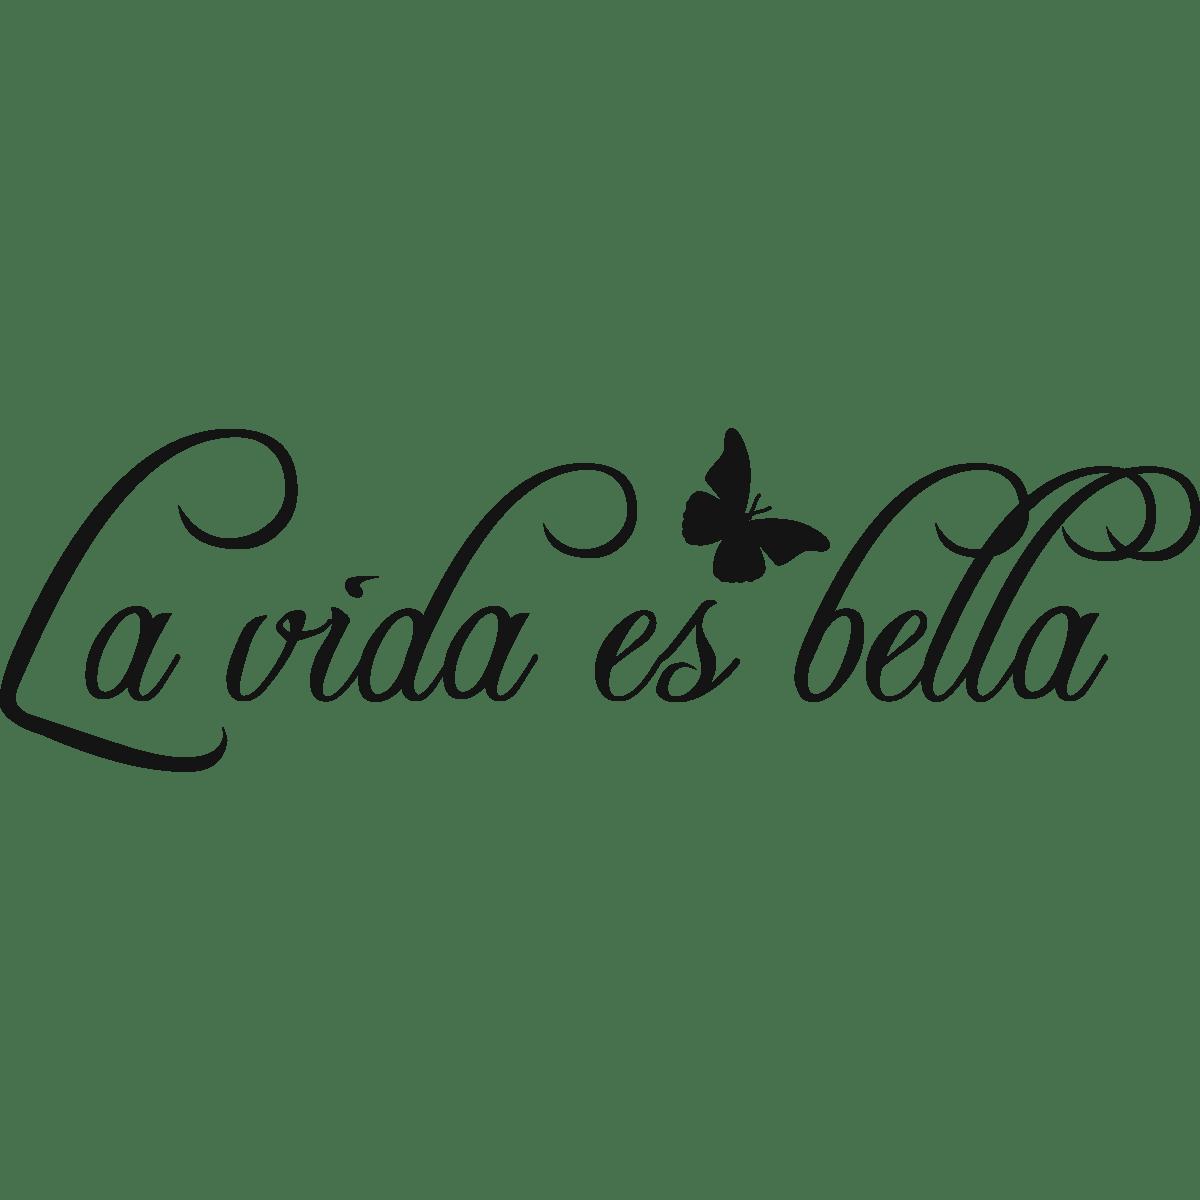 Sticker Citation Espagnol - La vida es bella